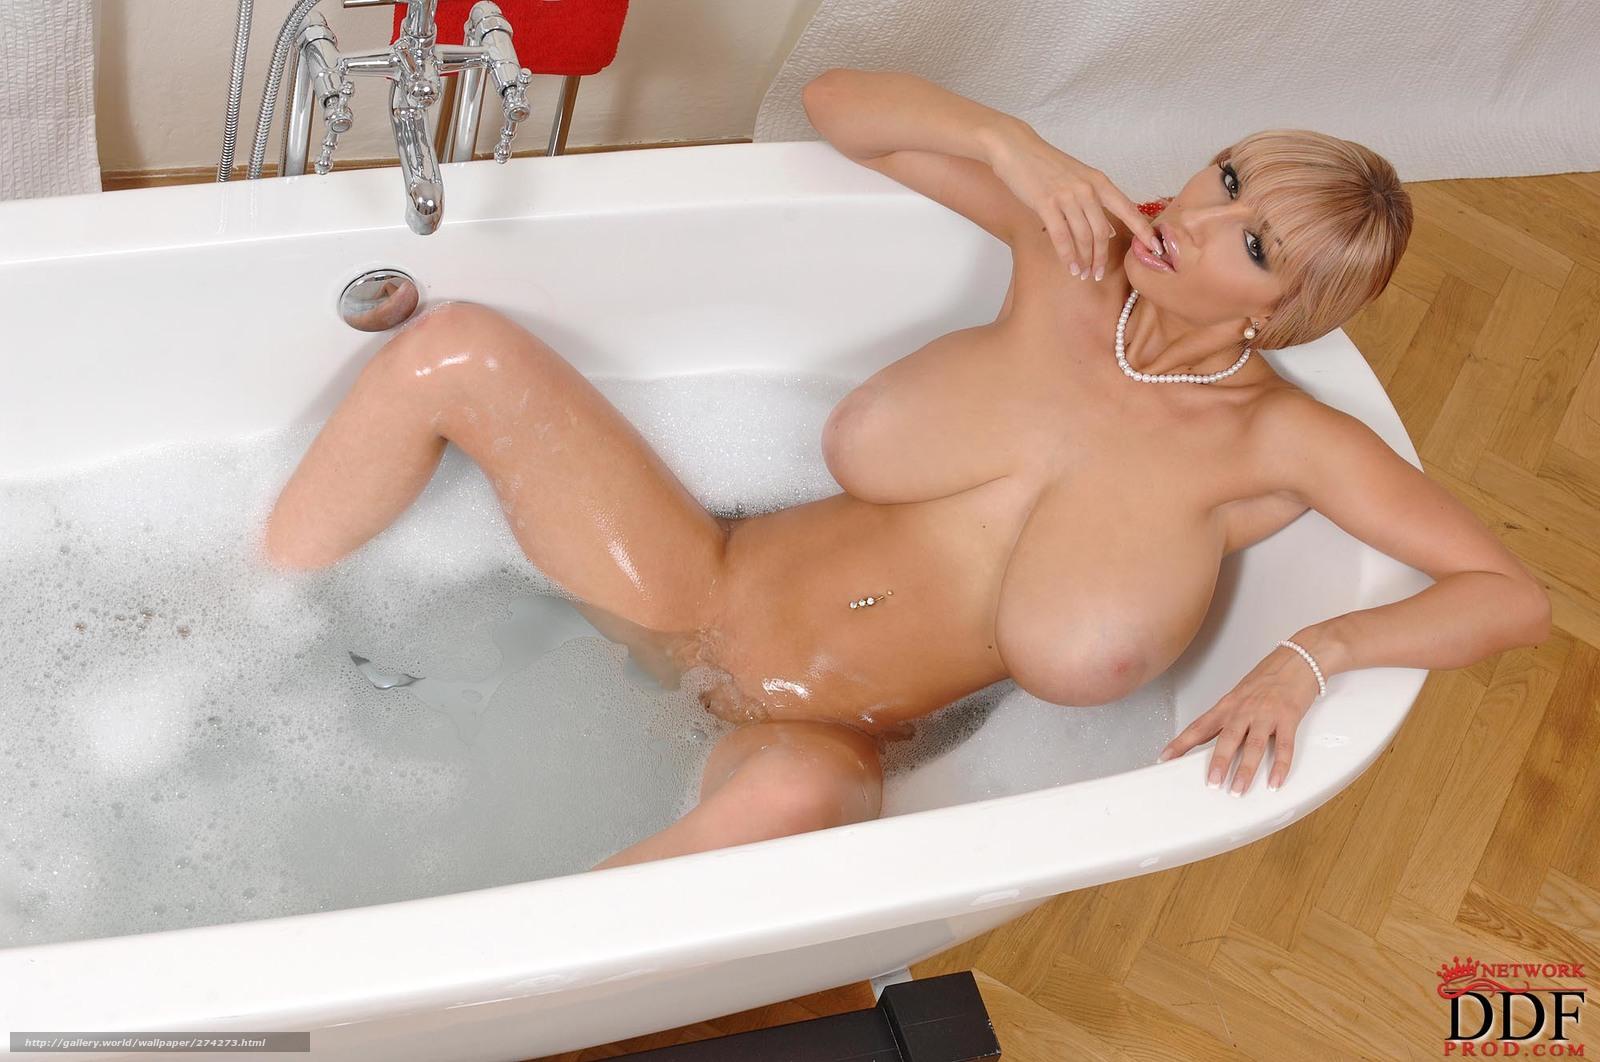 Эротика в ванной смотреть онлайн, Порно В ванной -видео. Смотреть порно онлайн! 13 фотография